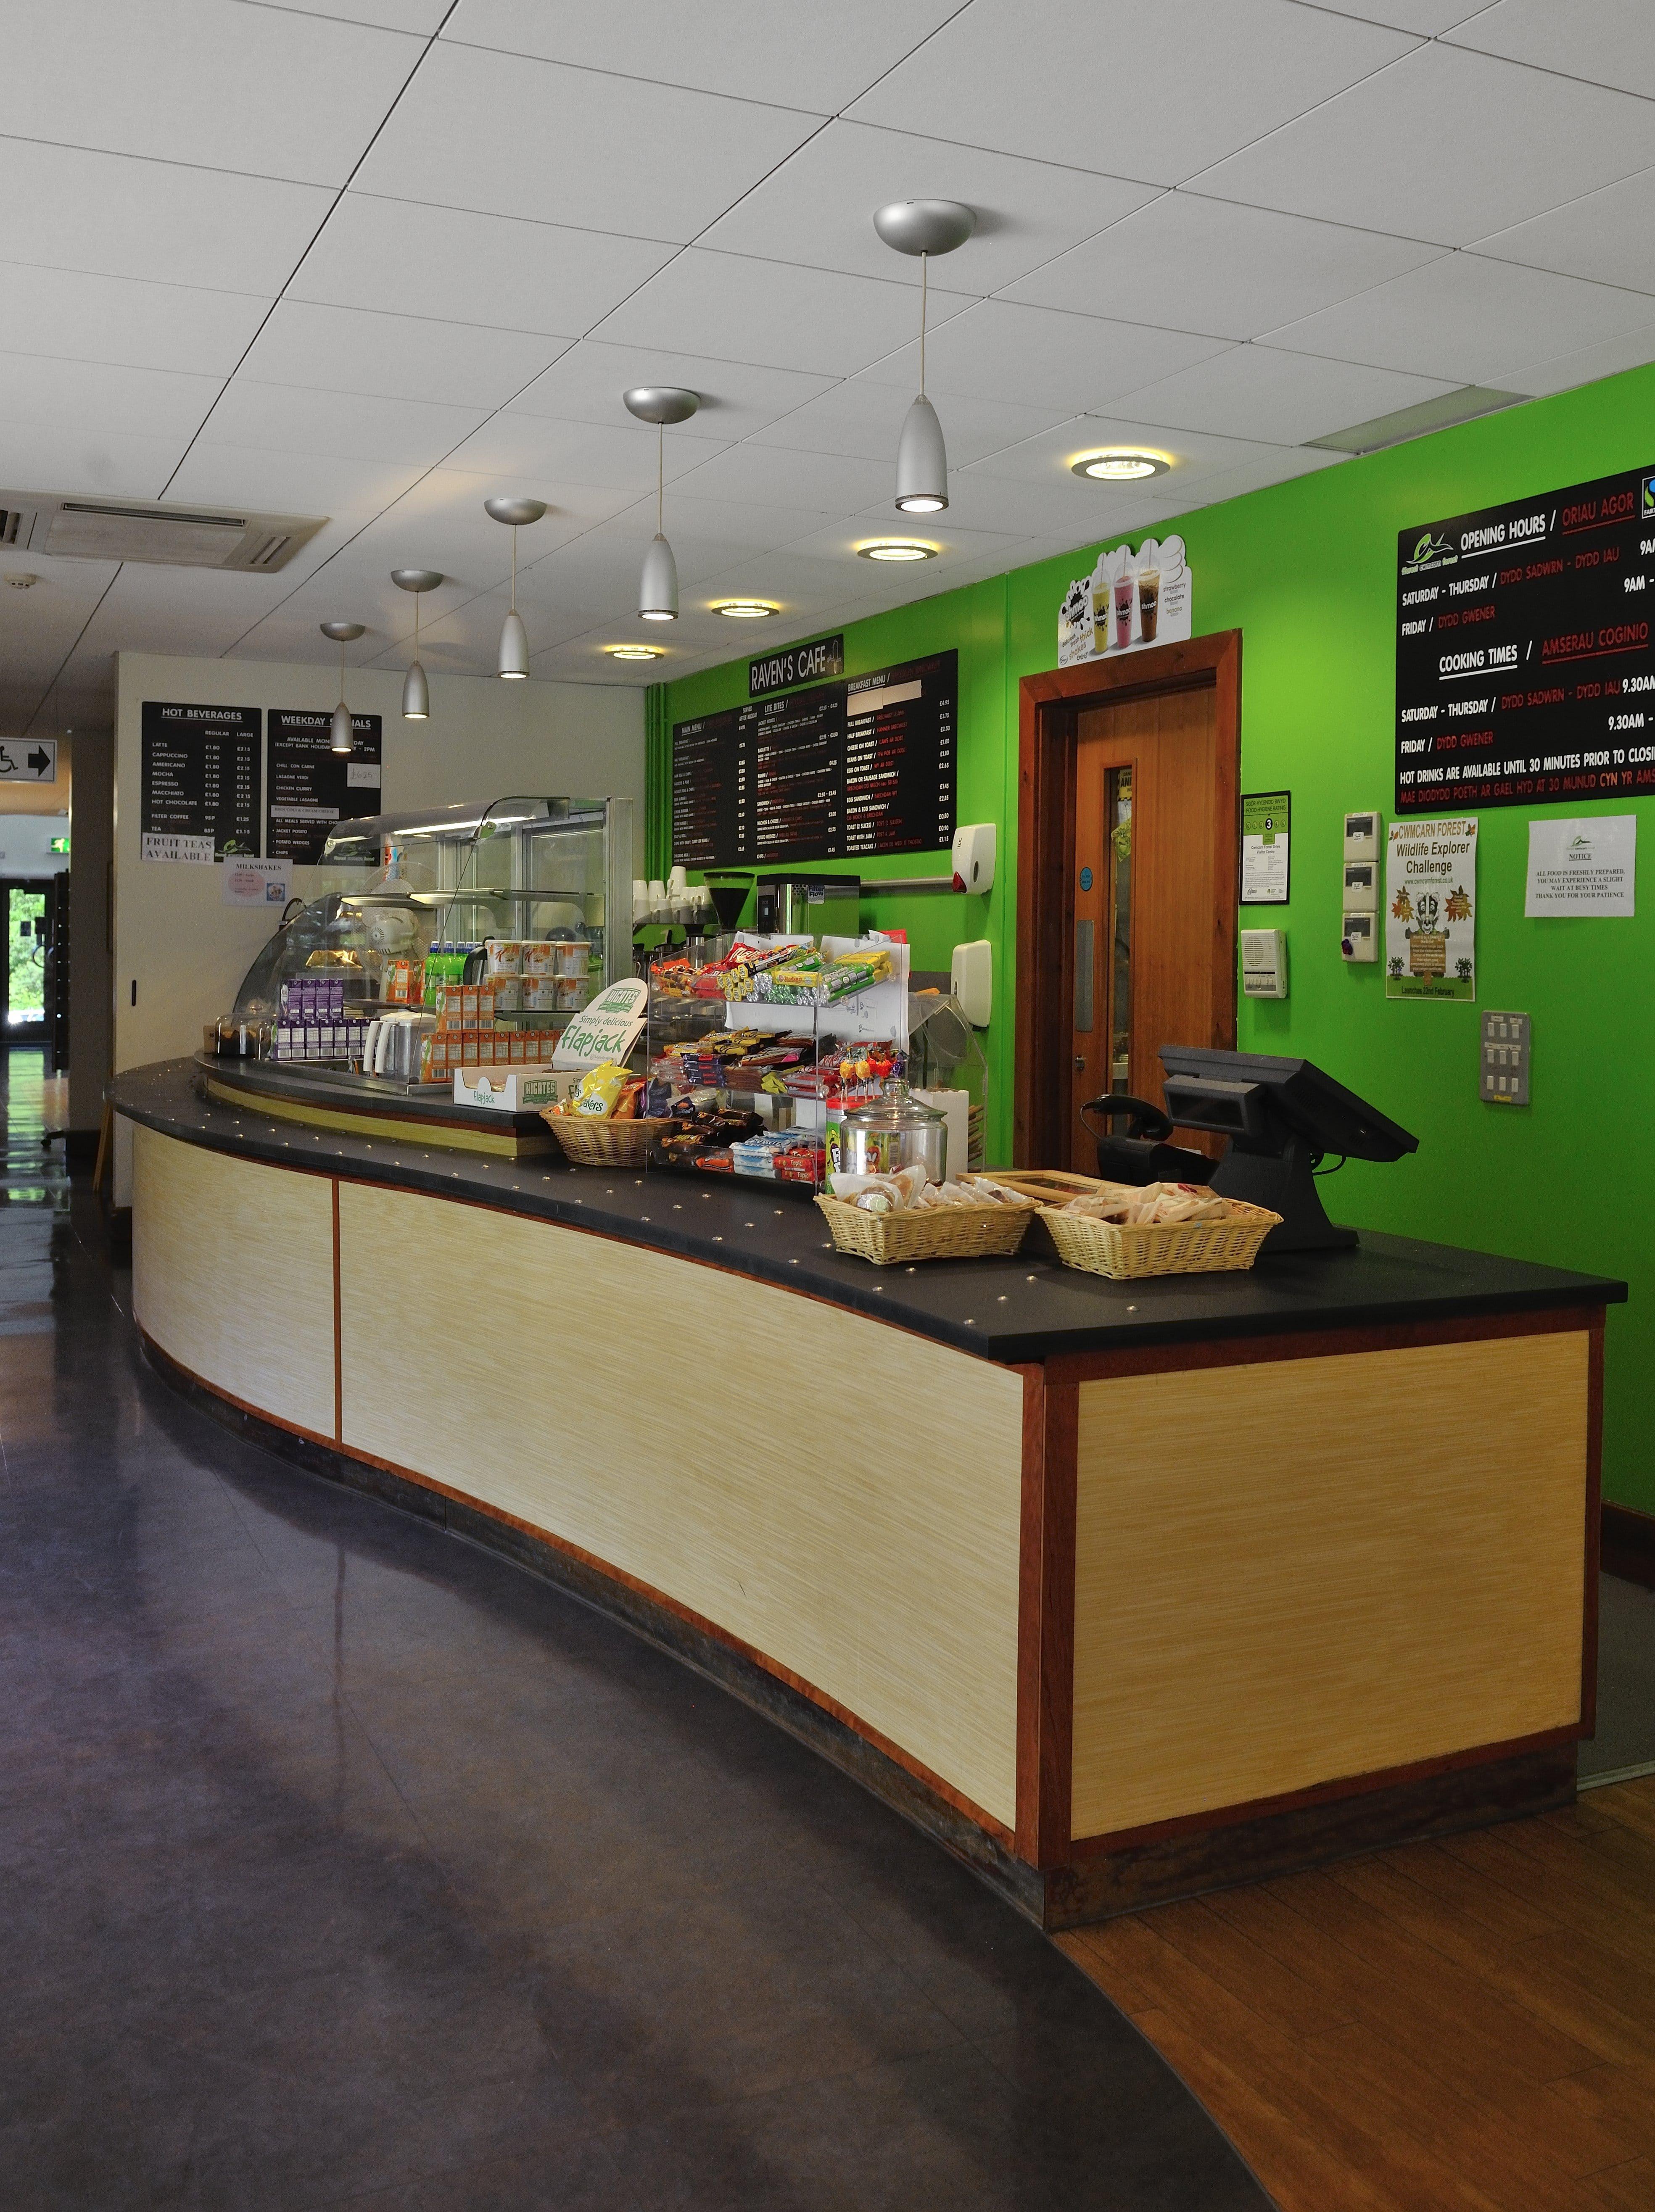 Ravens Cafe